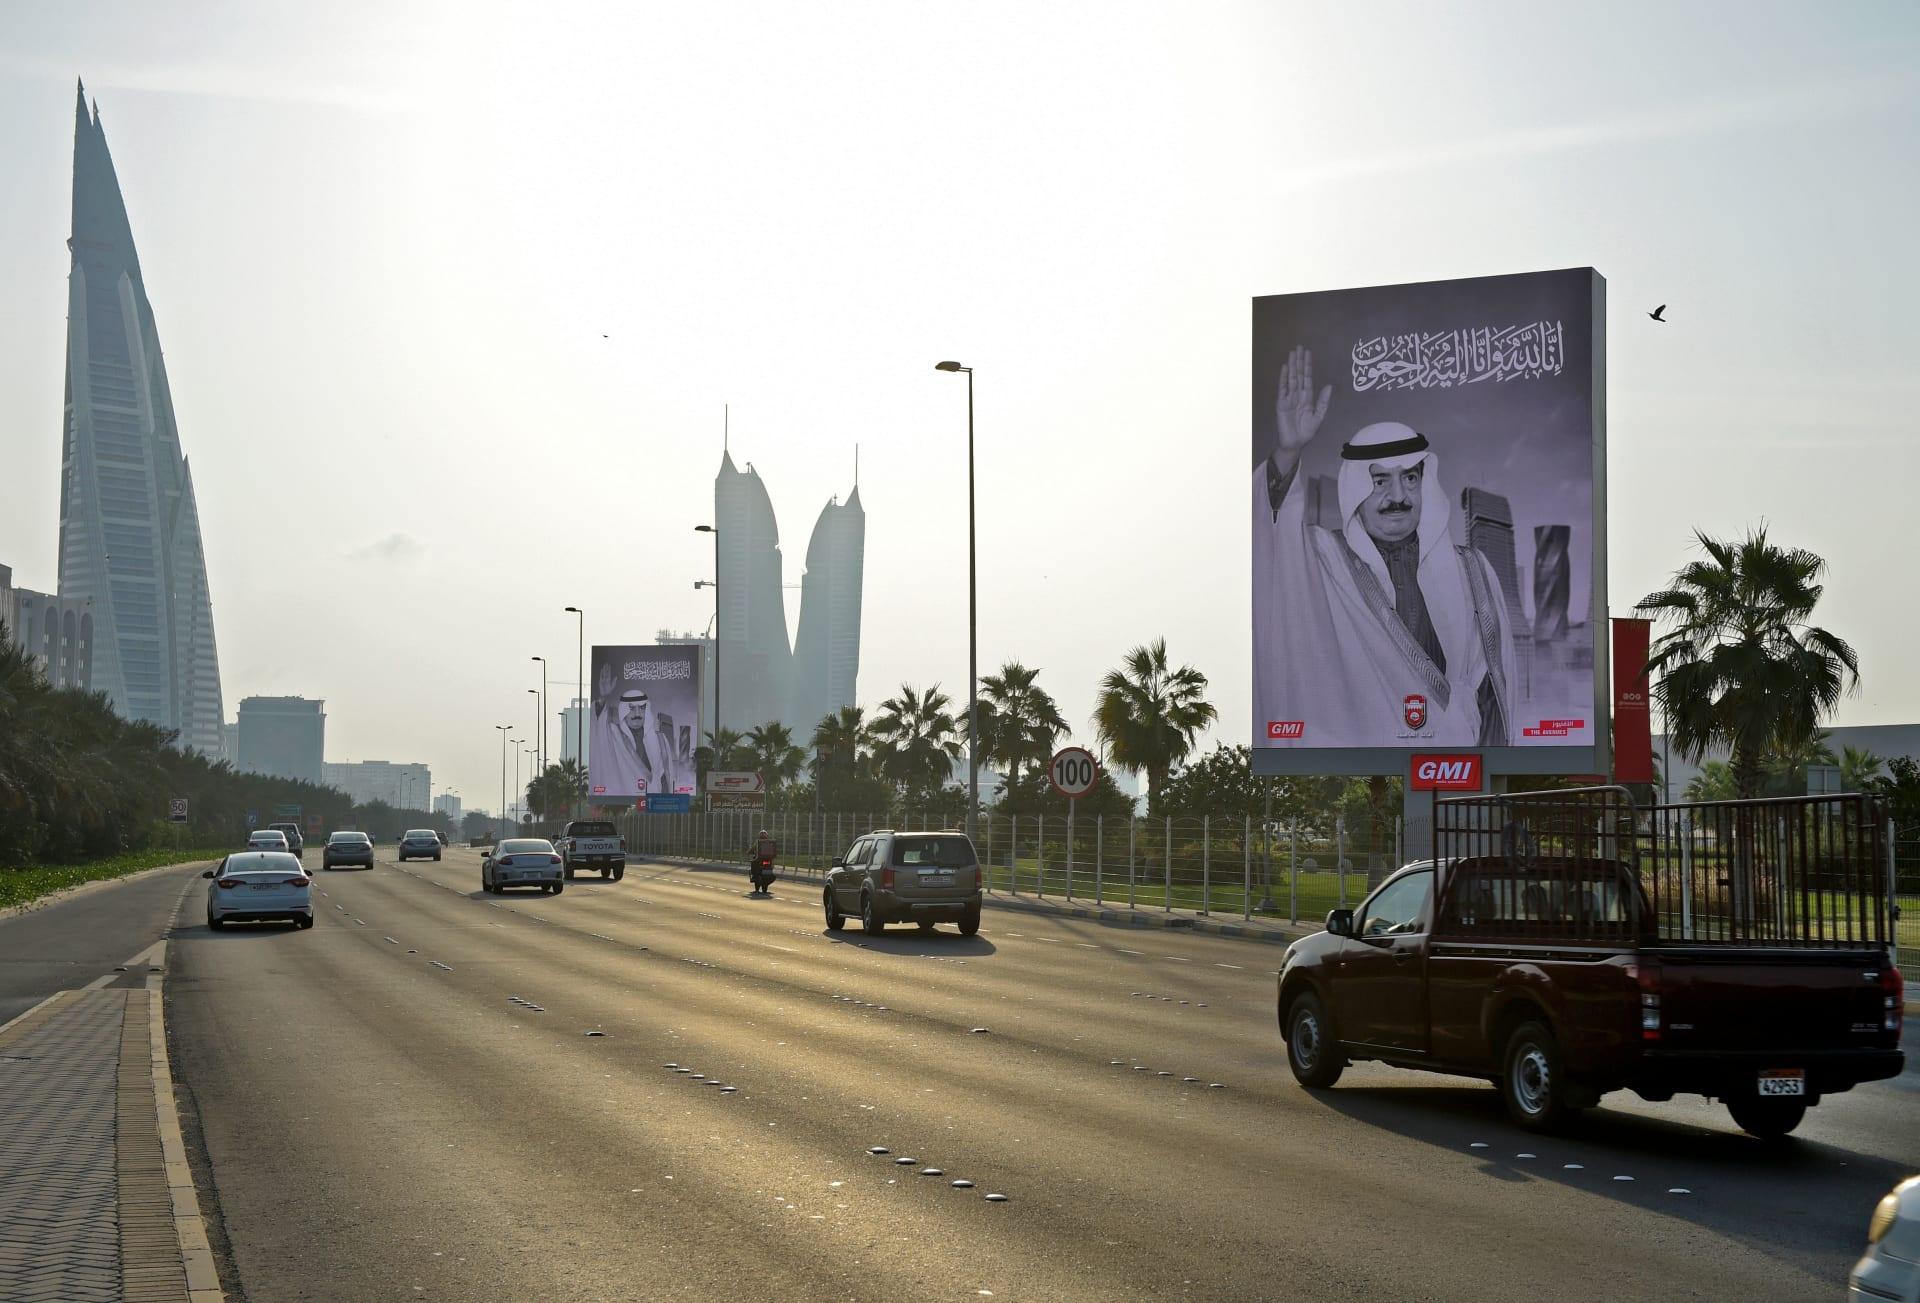 ملك البحرين يكلف ولي العهد برئاسة الحكومة بعد وفاة خليفة بن سلمان